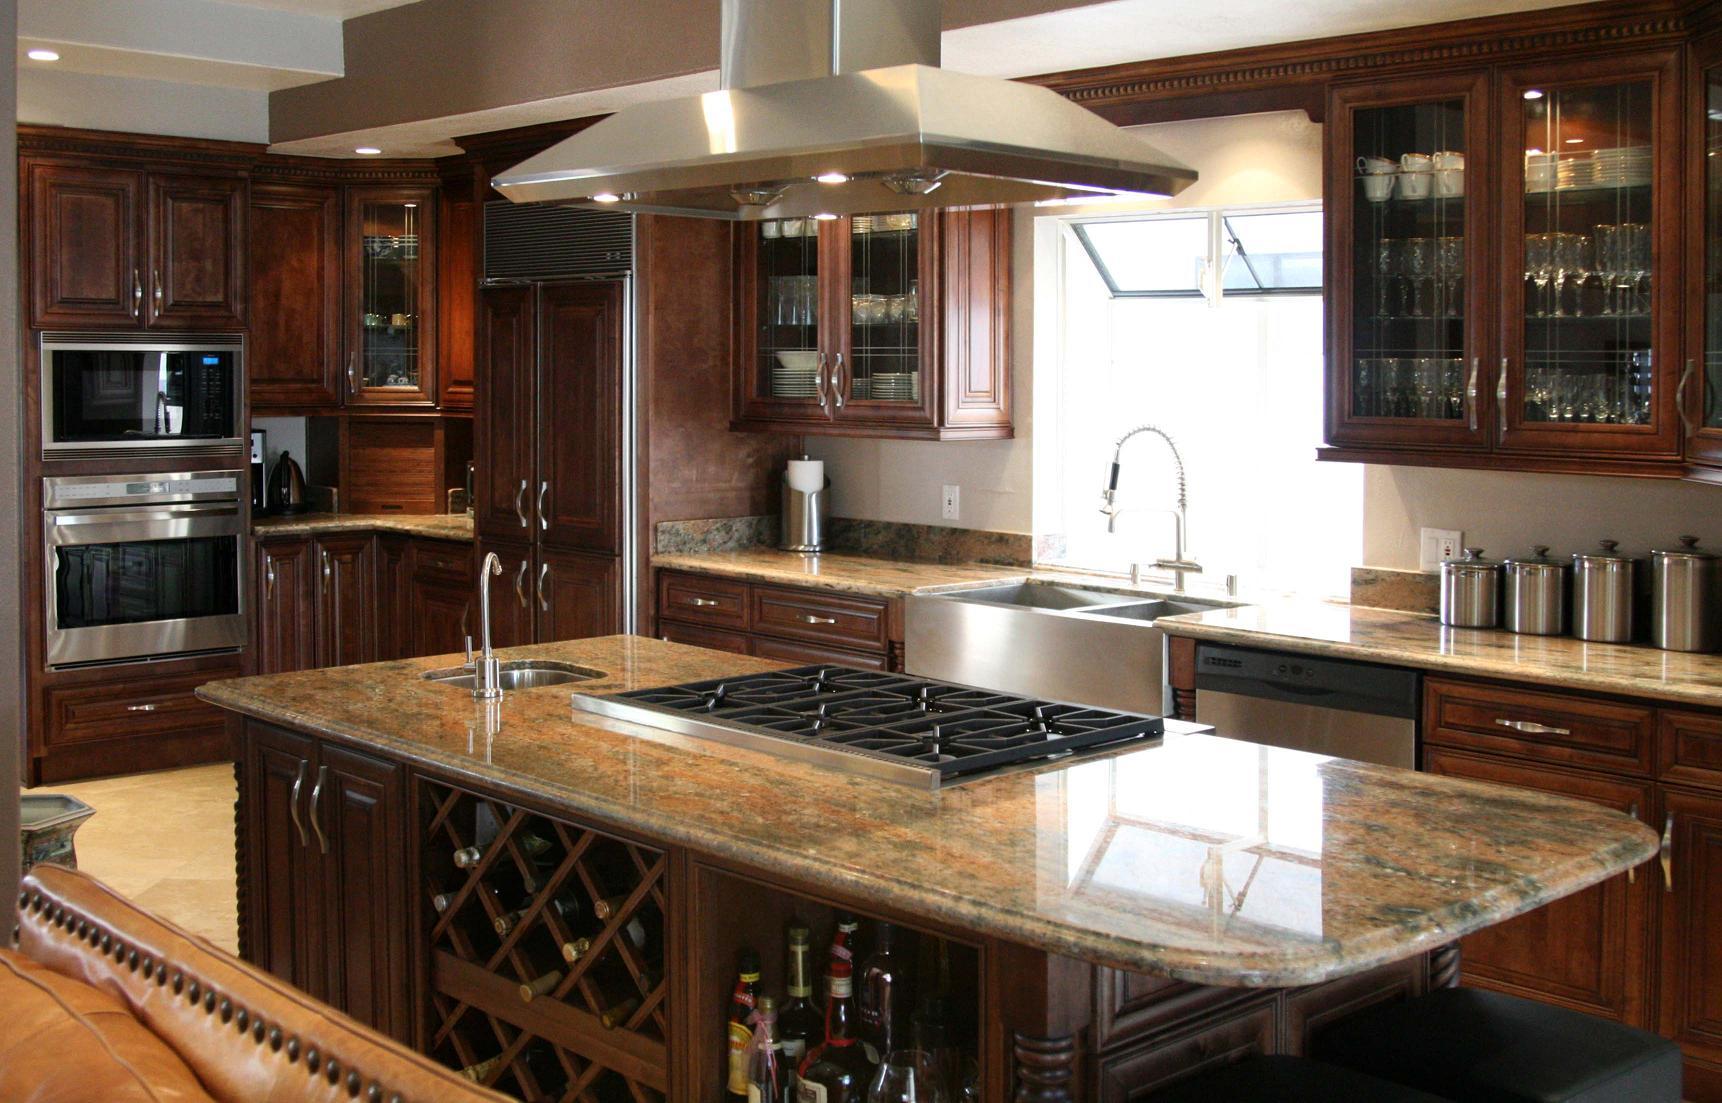 Mocha kitchen decor photo - 1